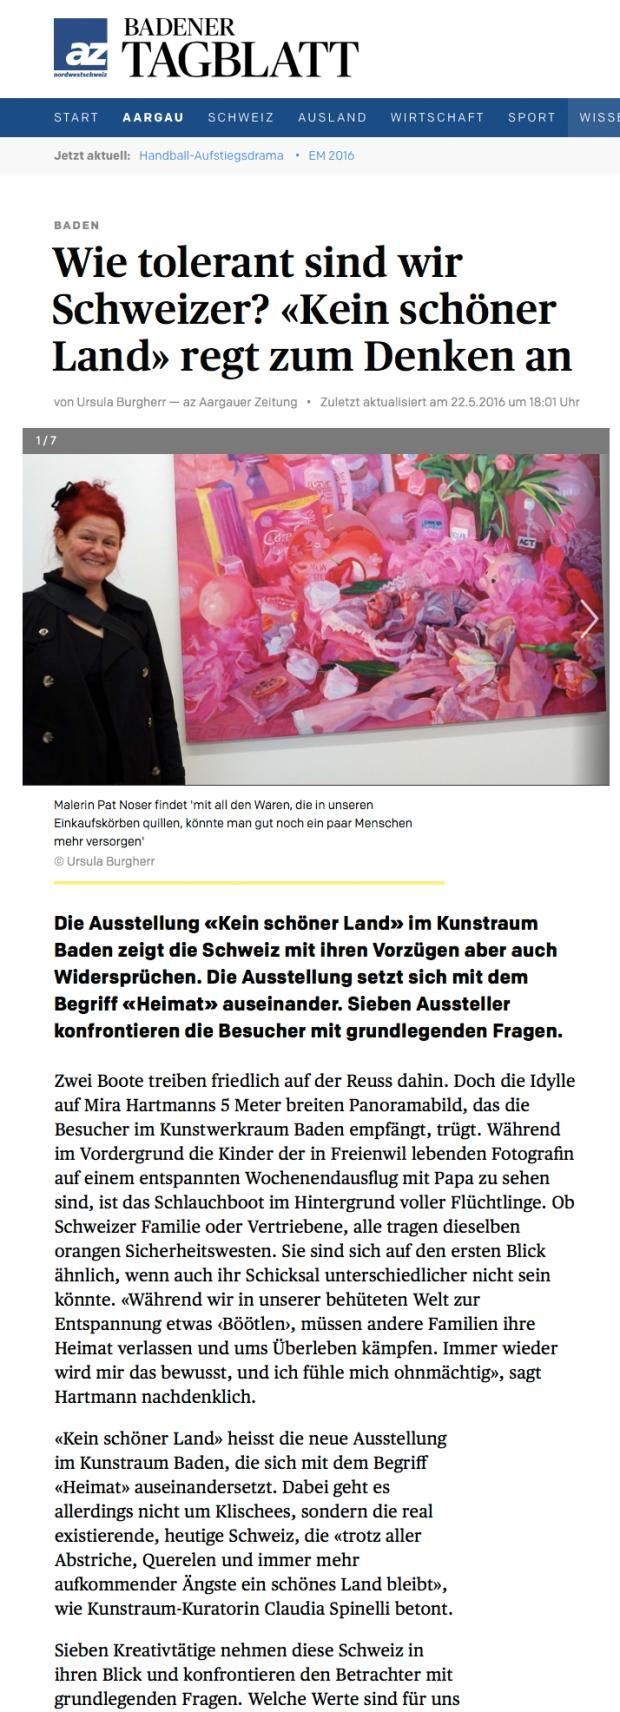 Baden badener Tagblatt